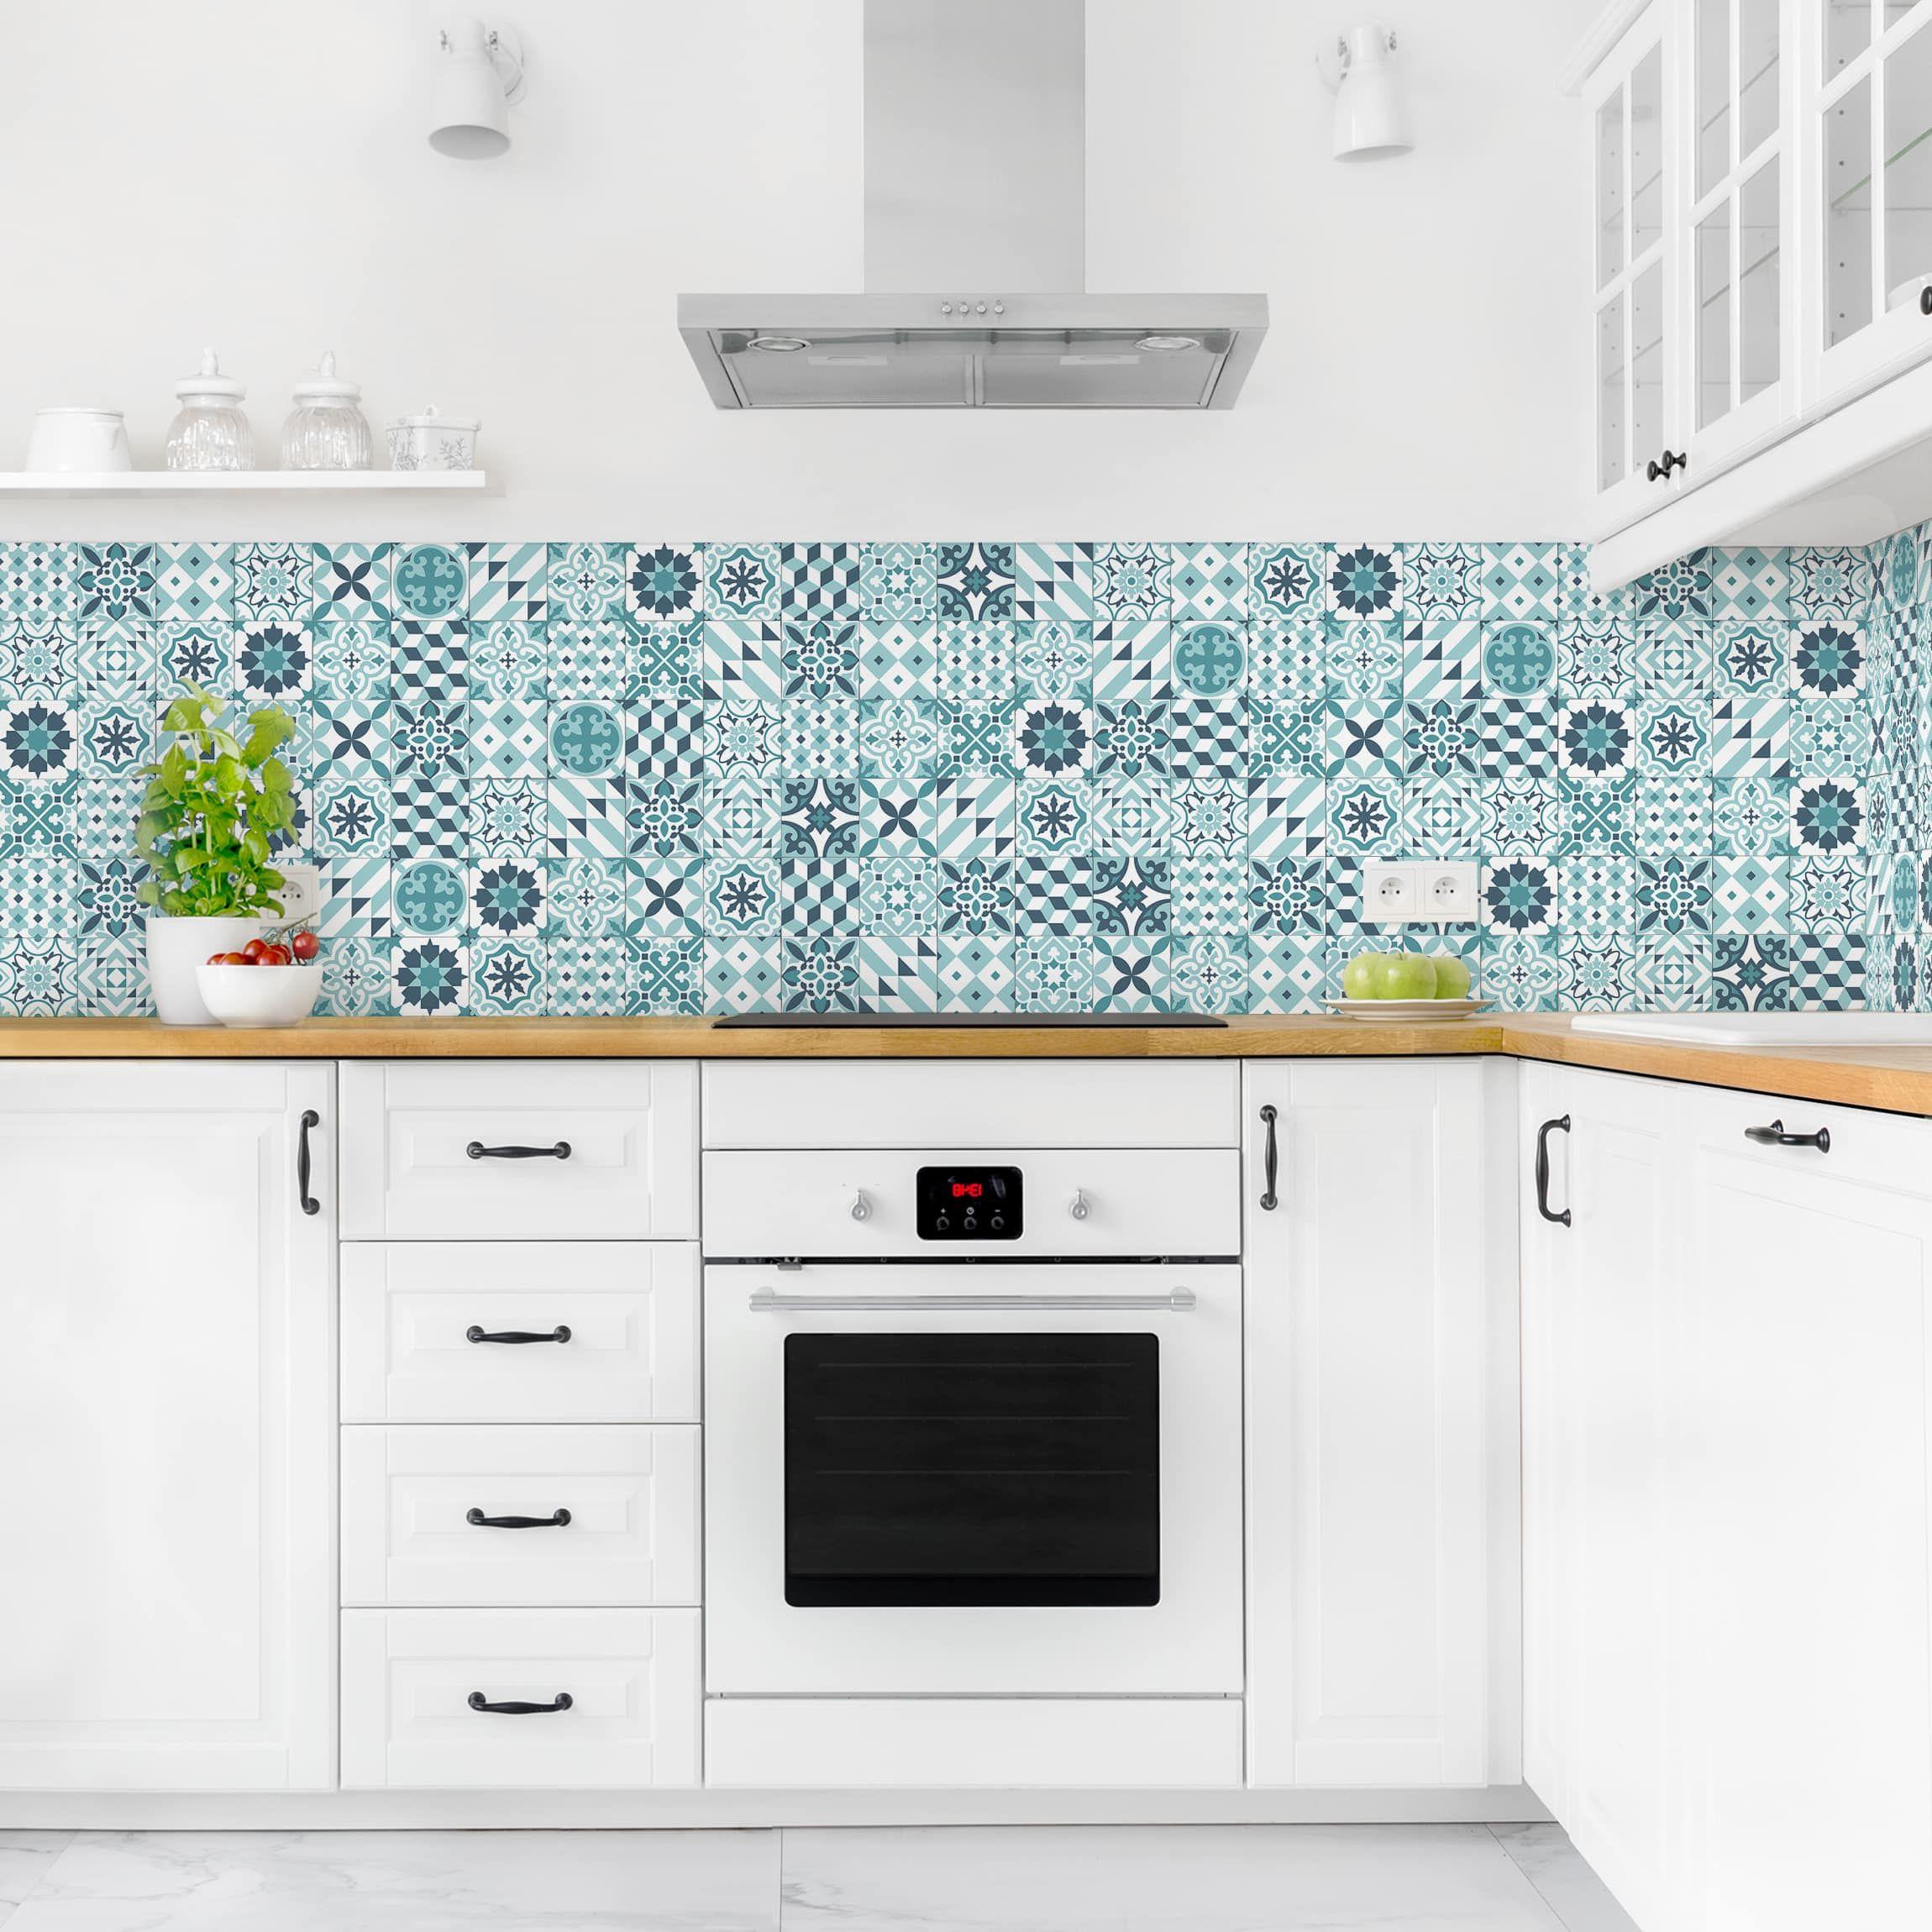 Küchenrückwand - Geometrischer Fliesenmix Türkis  Wohnung küche